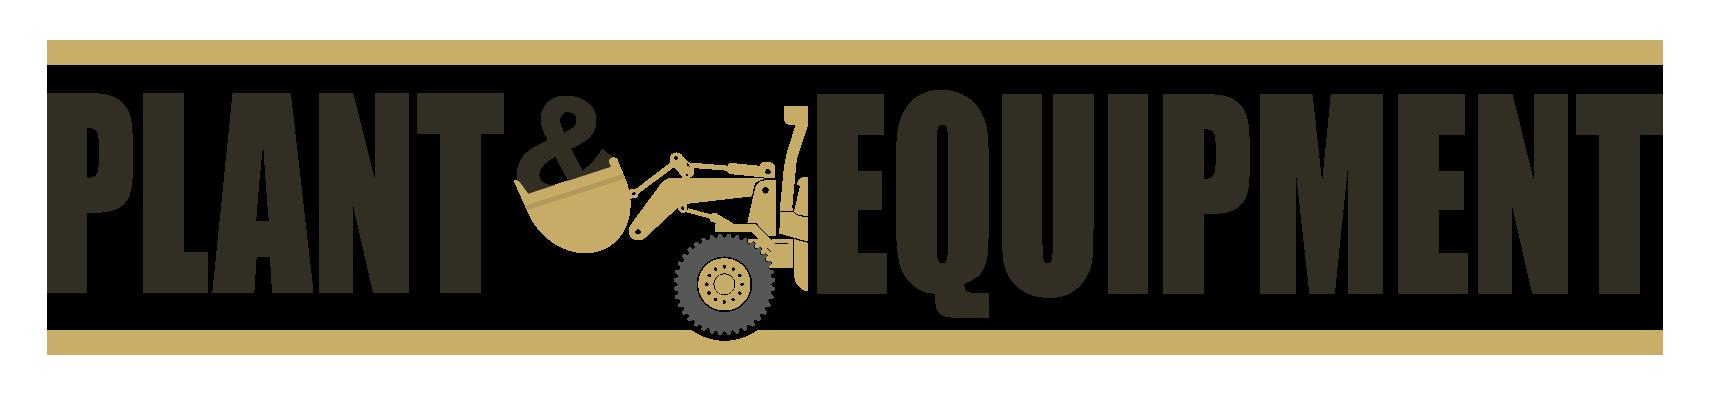 P&E-Website-Logo.png